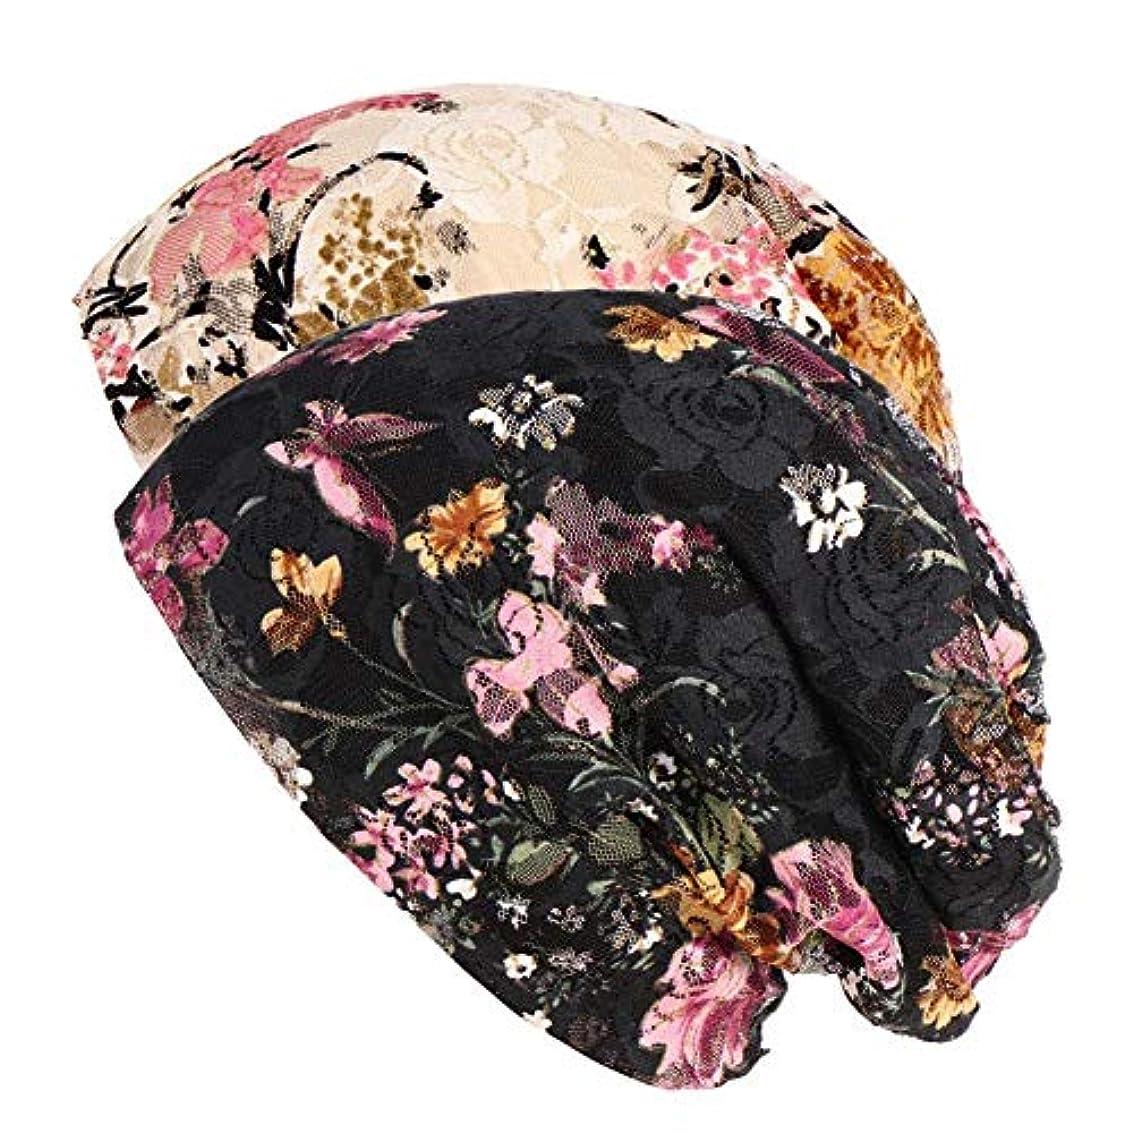 流暢からかう私たちのものヘッドスカーフ レディース ビーニーハット レディース 柔らかい 多用途 頭飾り 軽量 通気性 眠り、化学療法 、 キャンサーと脱毛症